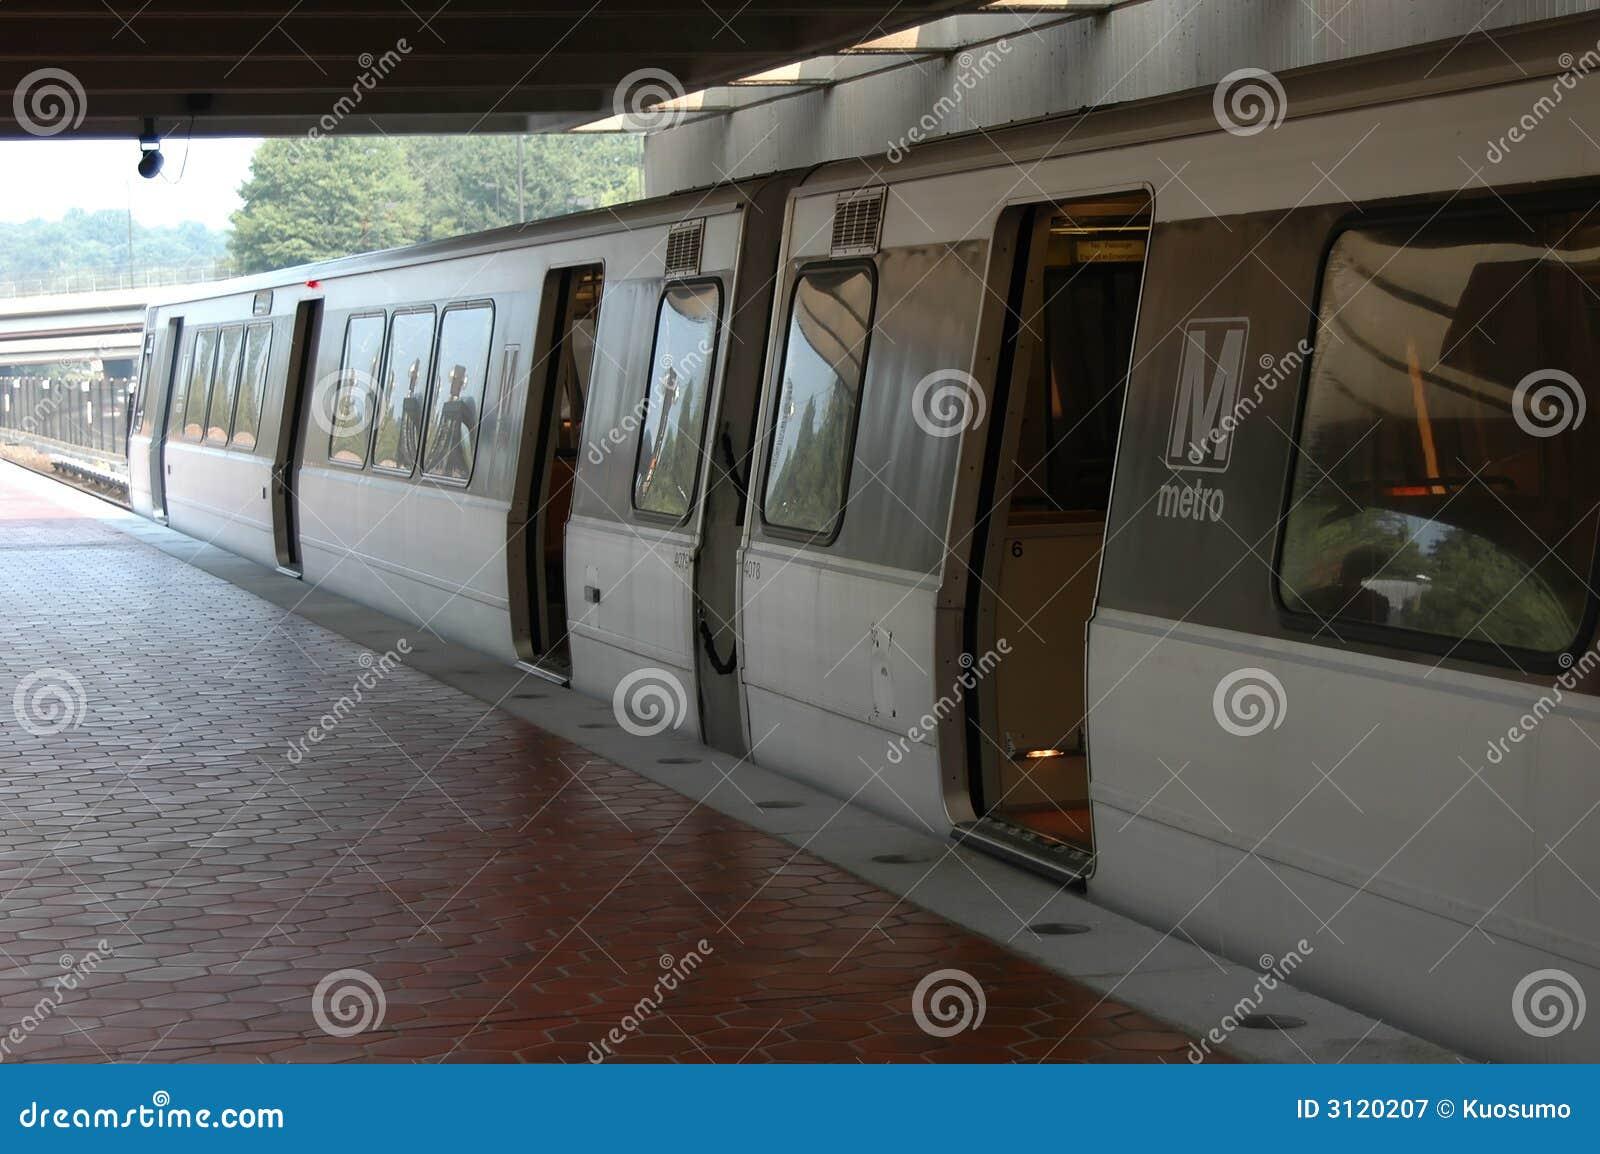 Metro near Washington DC